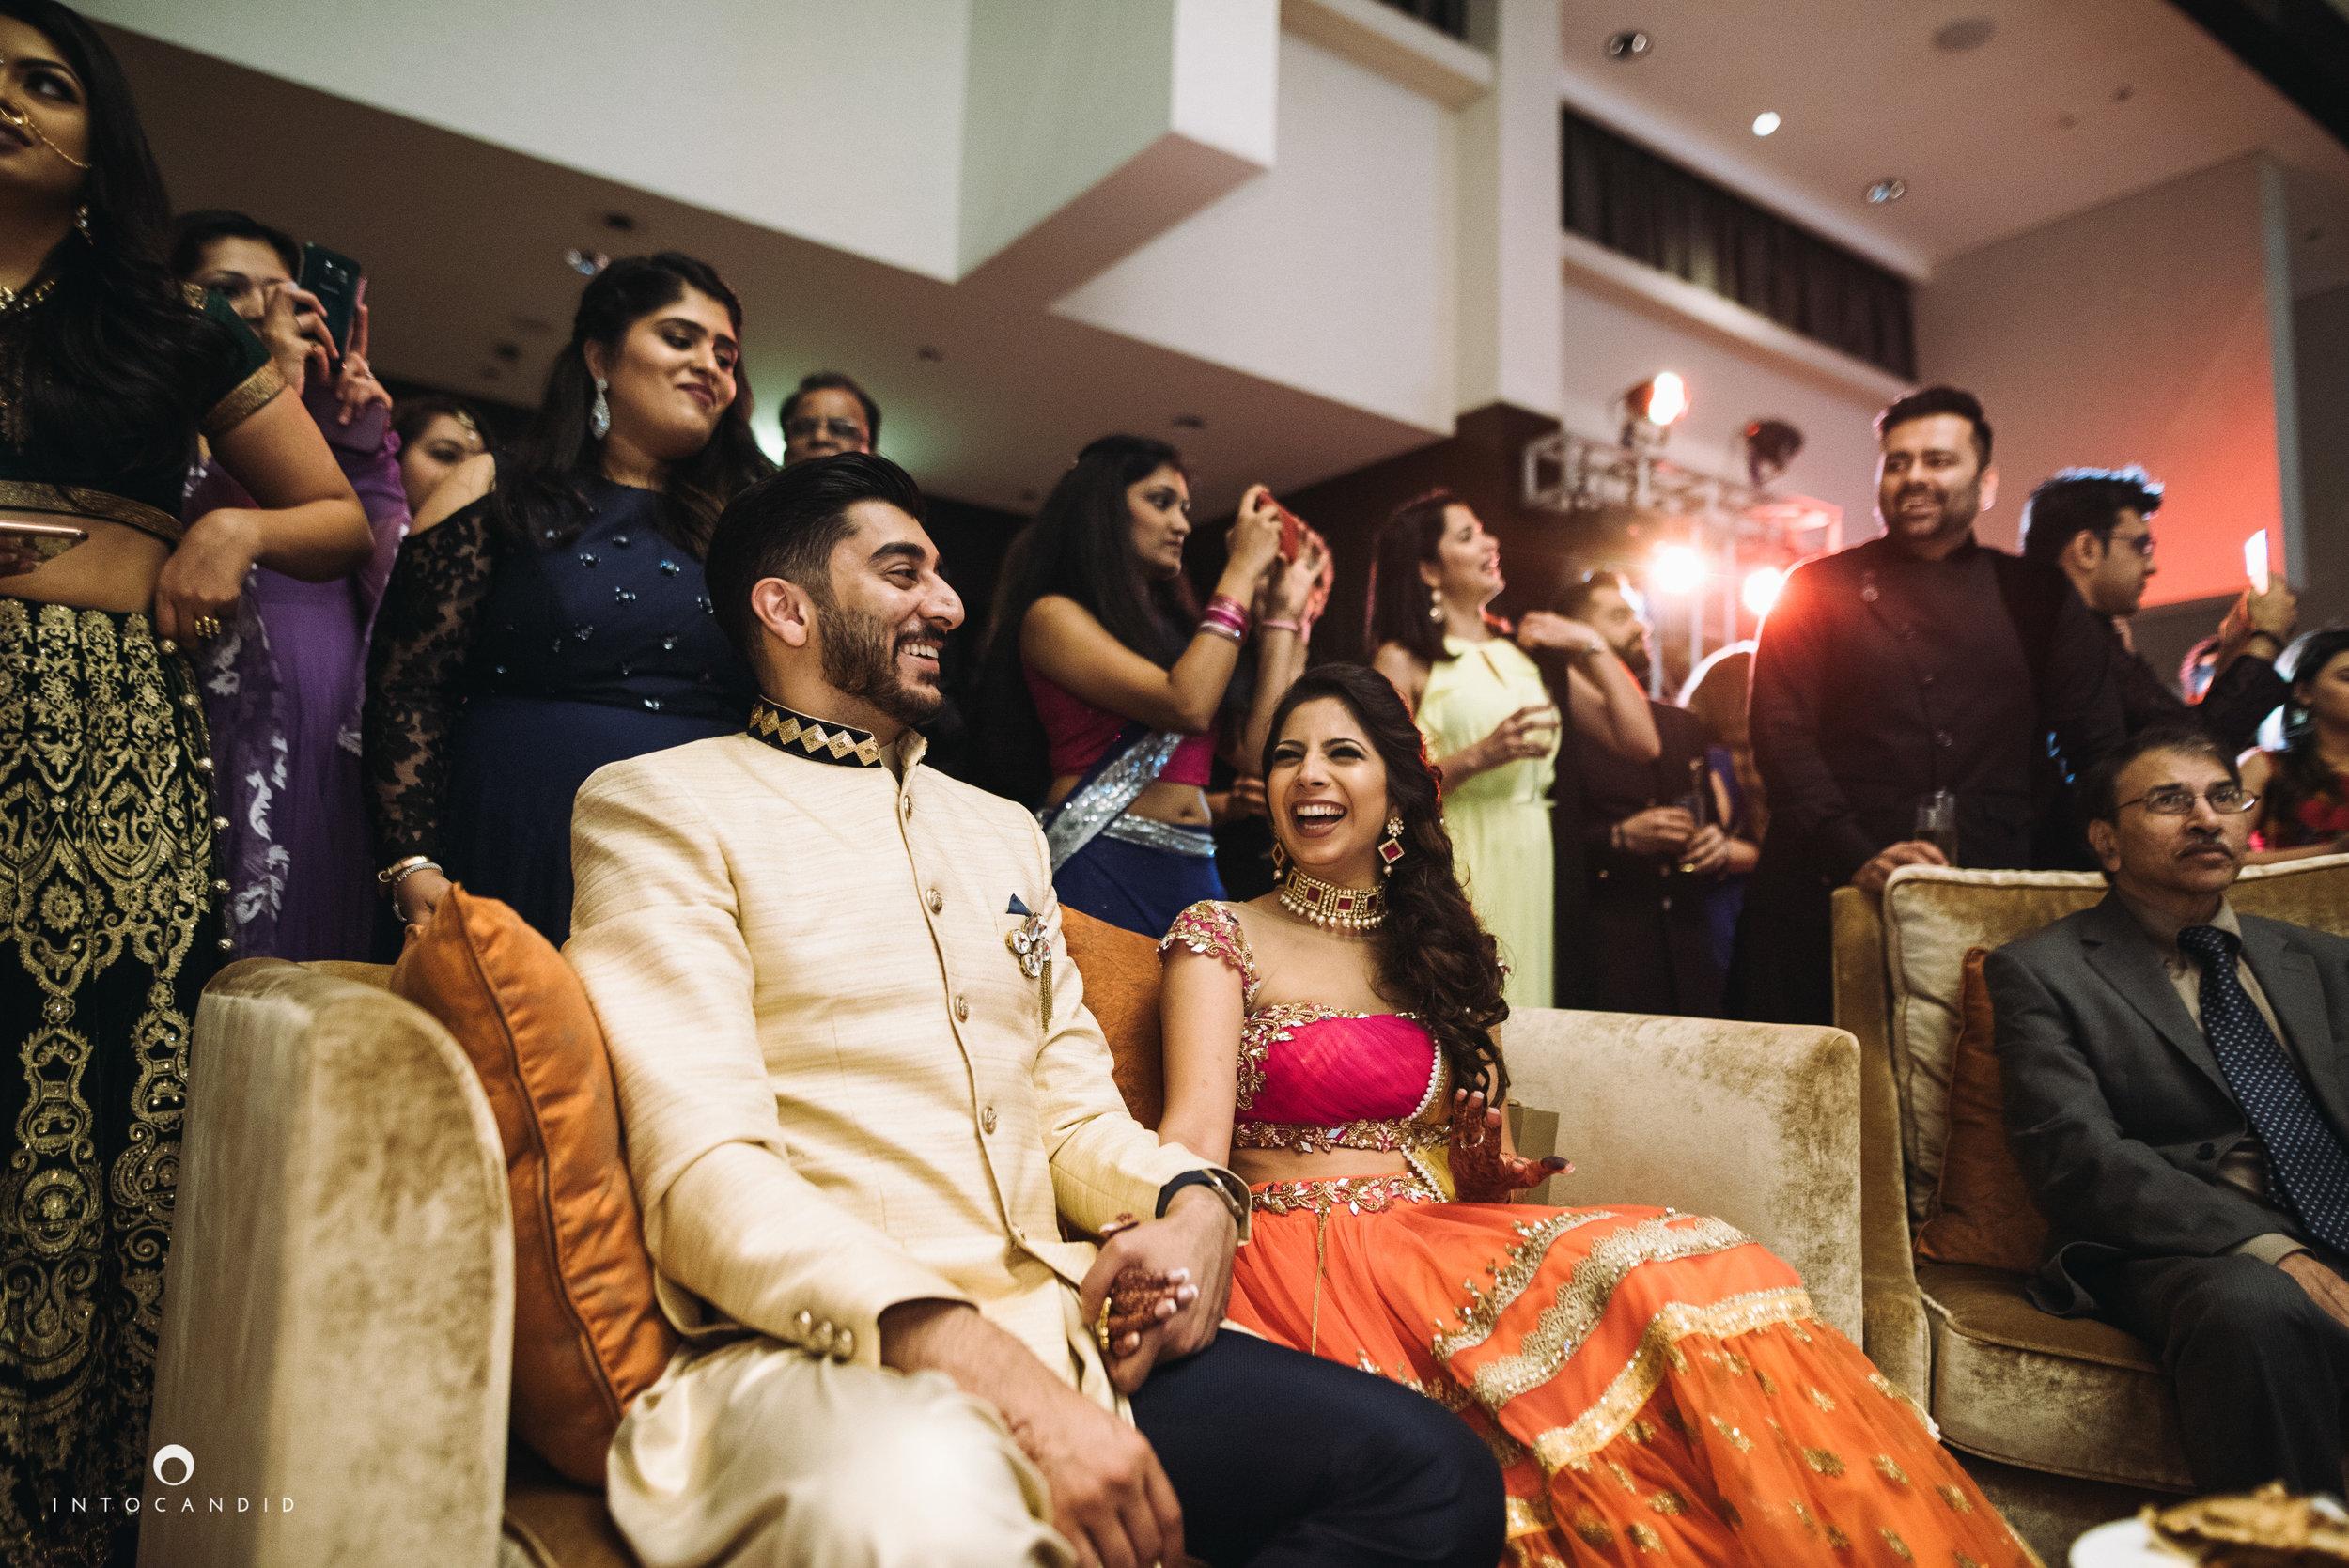 Dubai_Wedding_Photographer_70.JPG